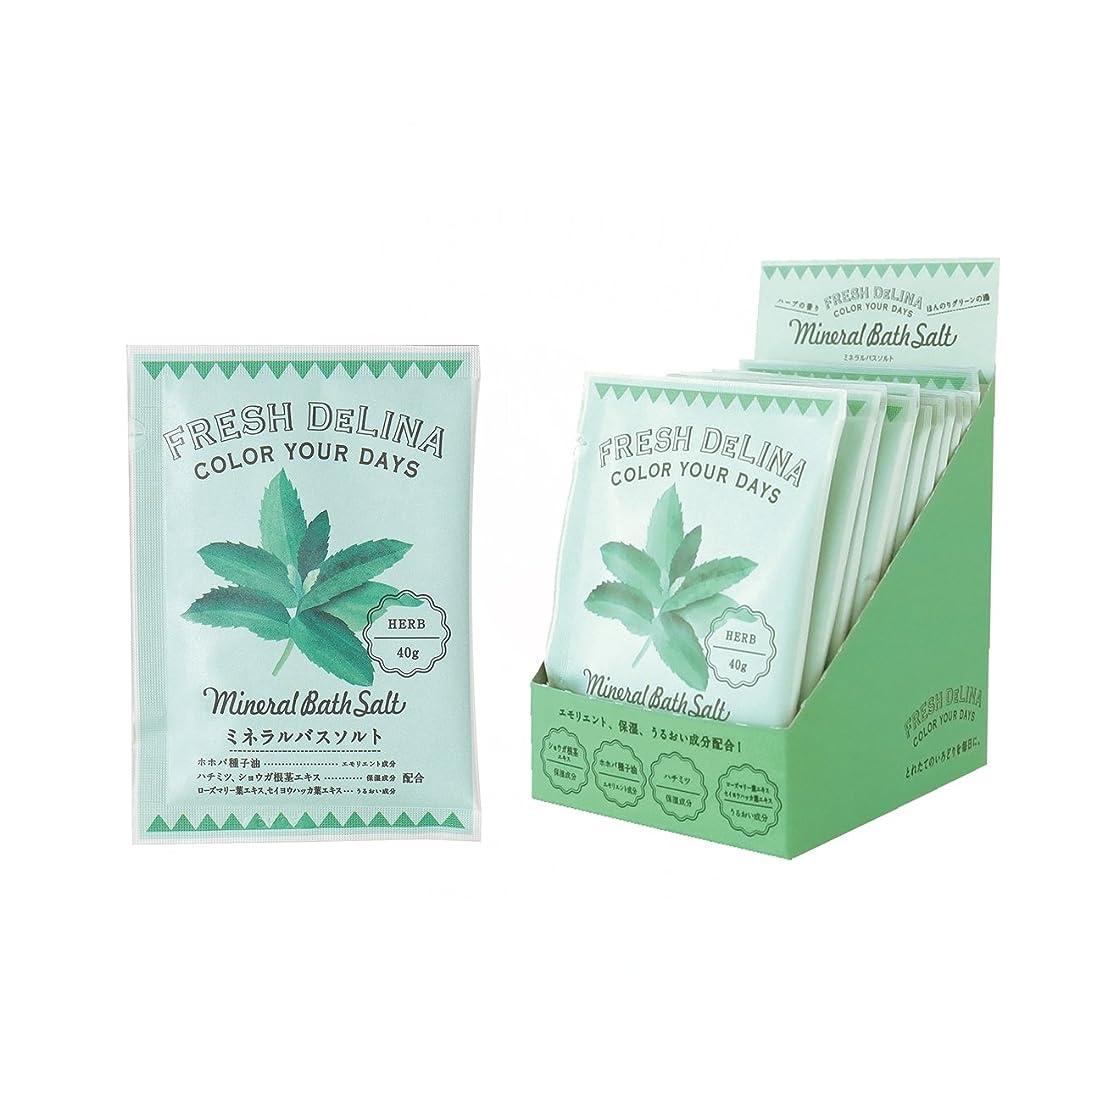 スティック拒否平和なフレッシュデリーナ ミネラルバスソルト40g(ハーブ) 12個 (海塩タイプ入浴料 日本製 フレッシュなハーブの香り)